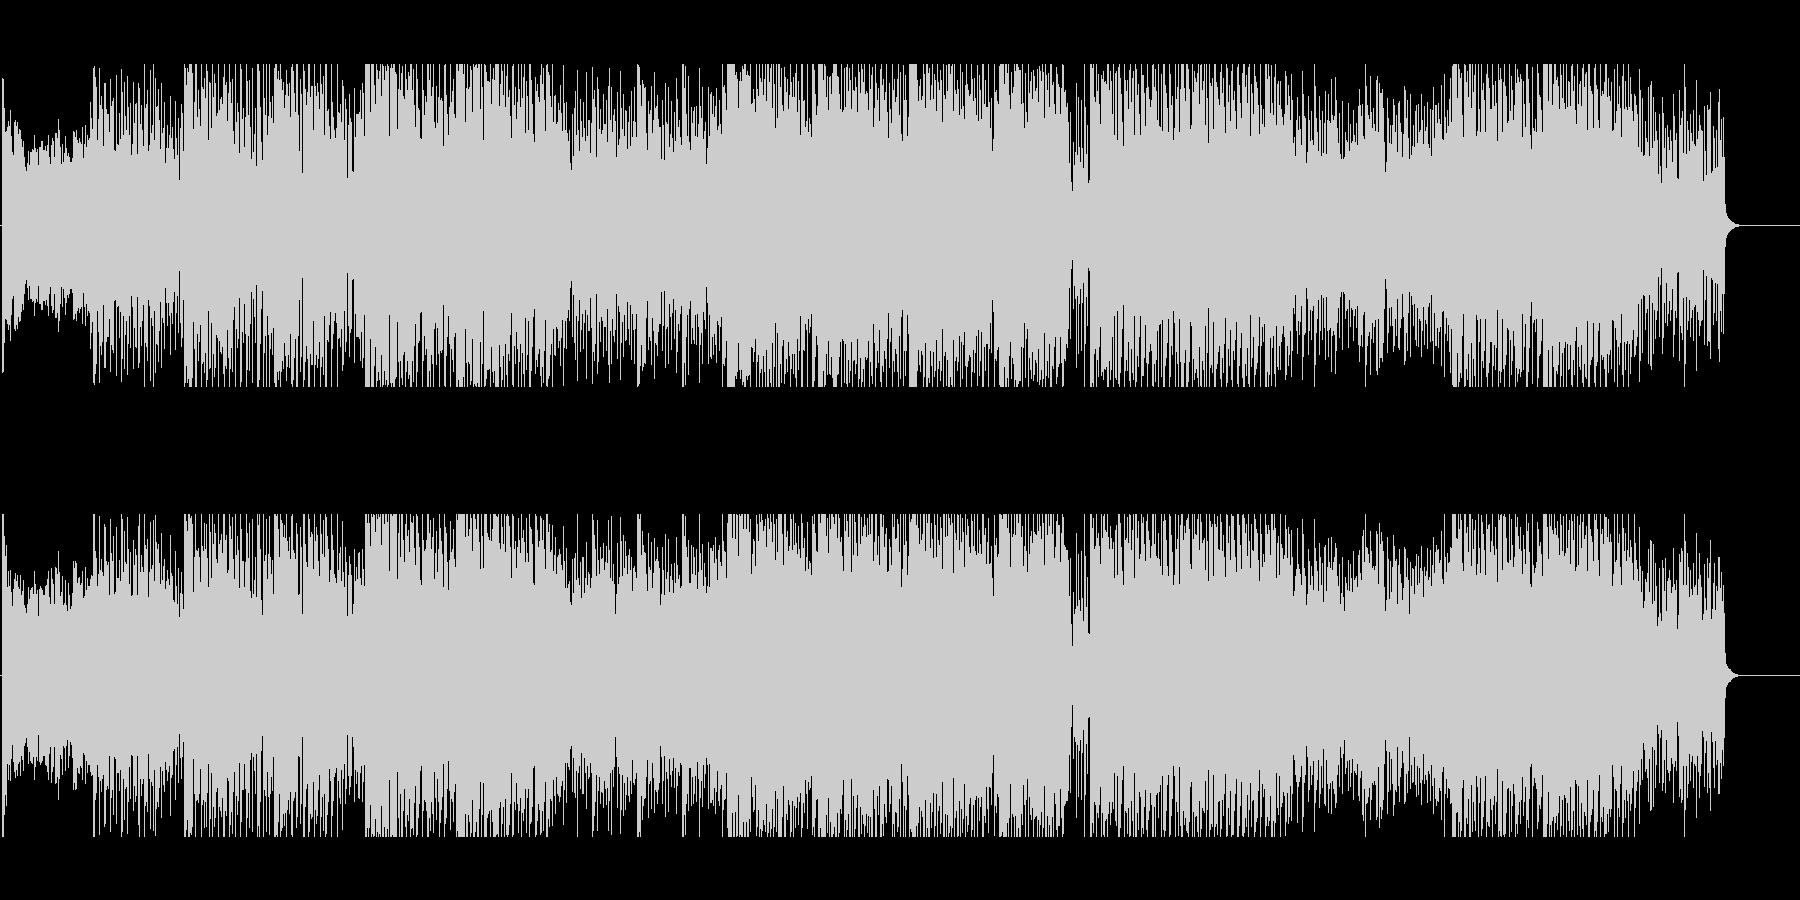 不安な夜を演出するサスペンス向けBGMの未再生の波形